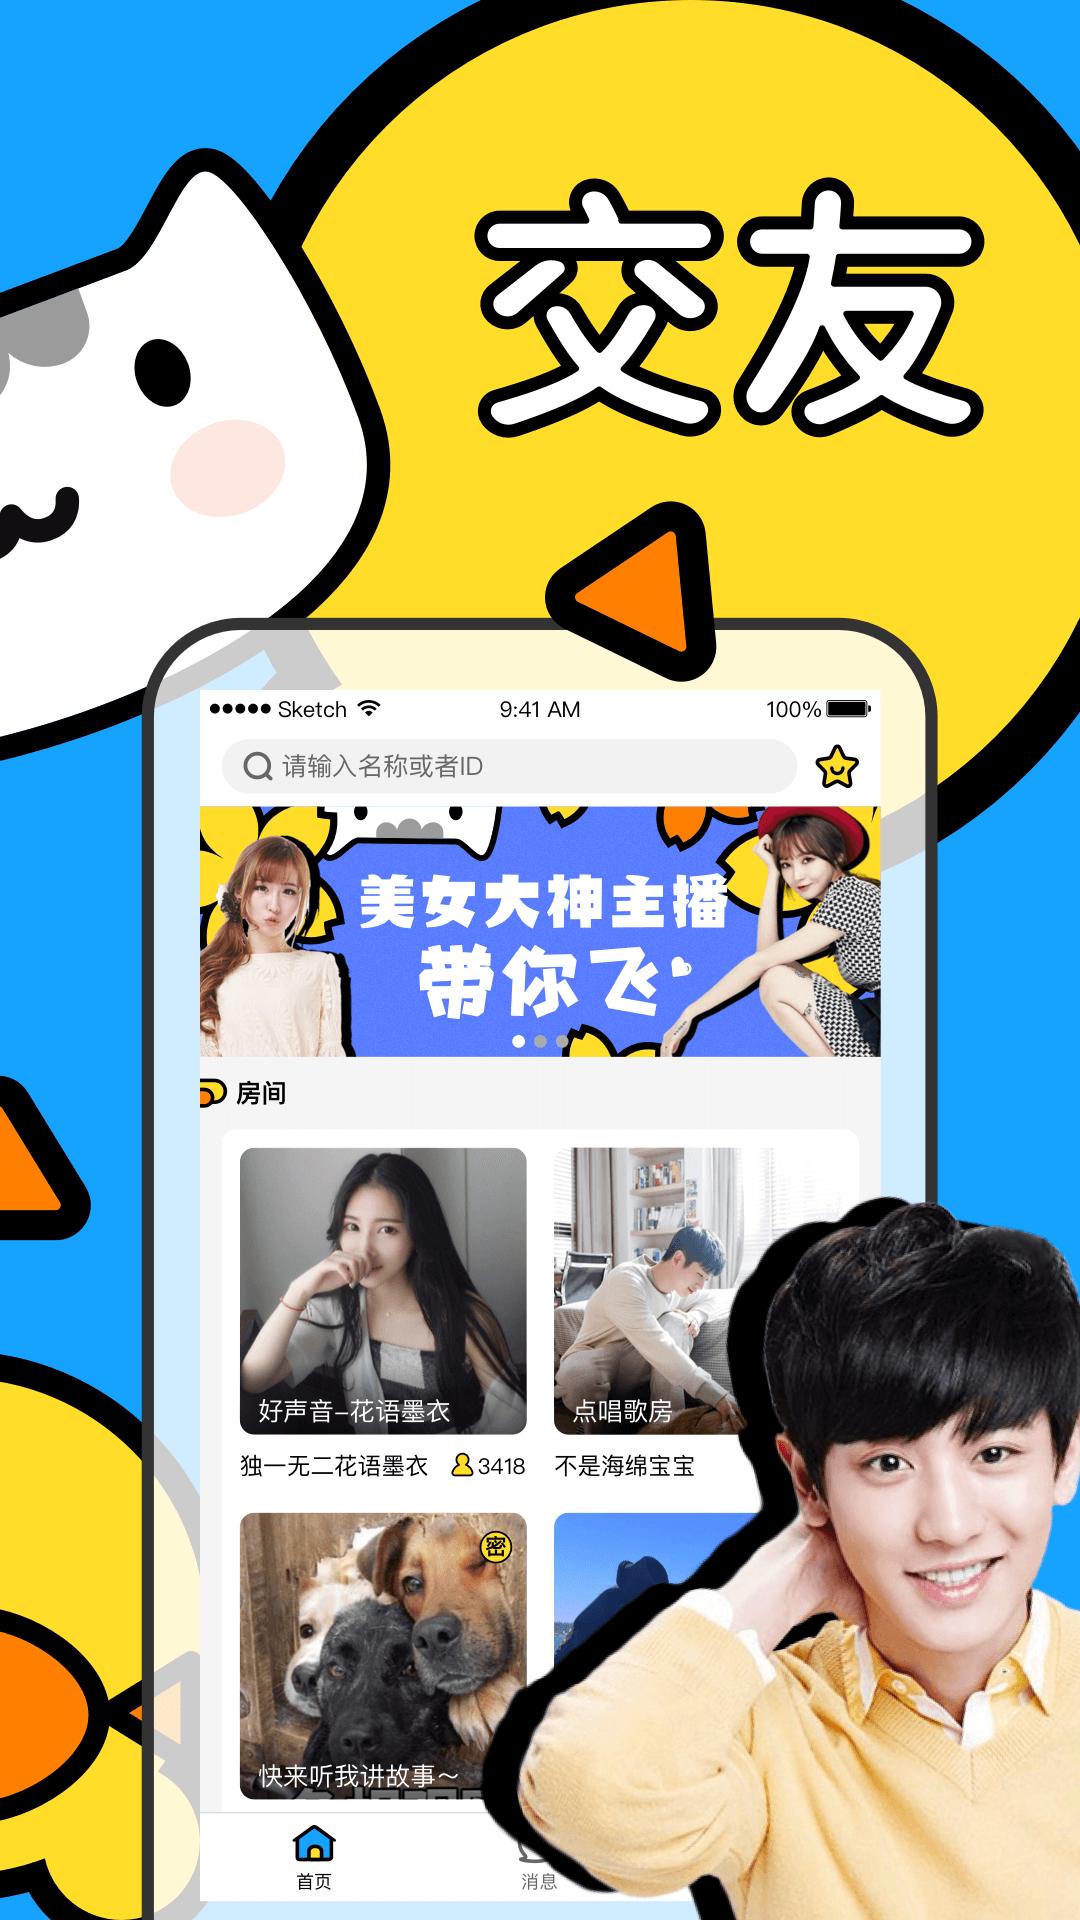 鱼丸语音交友app下载官方版图片1